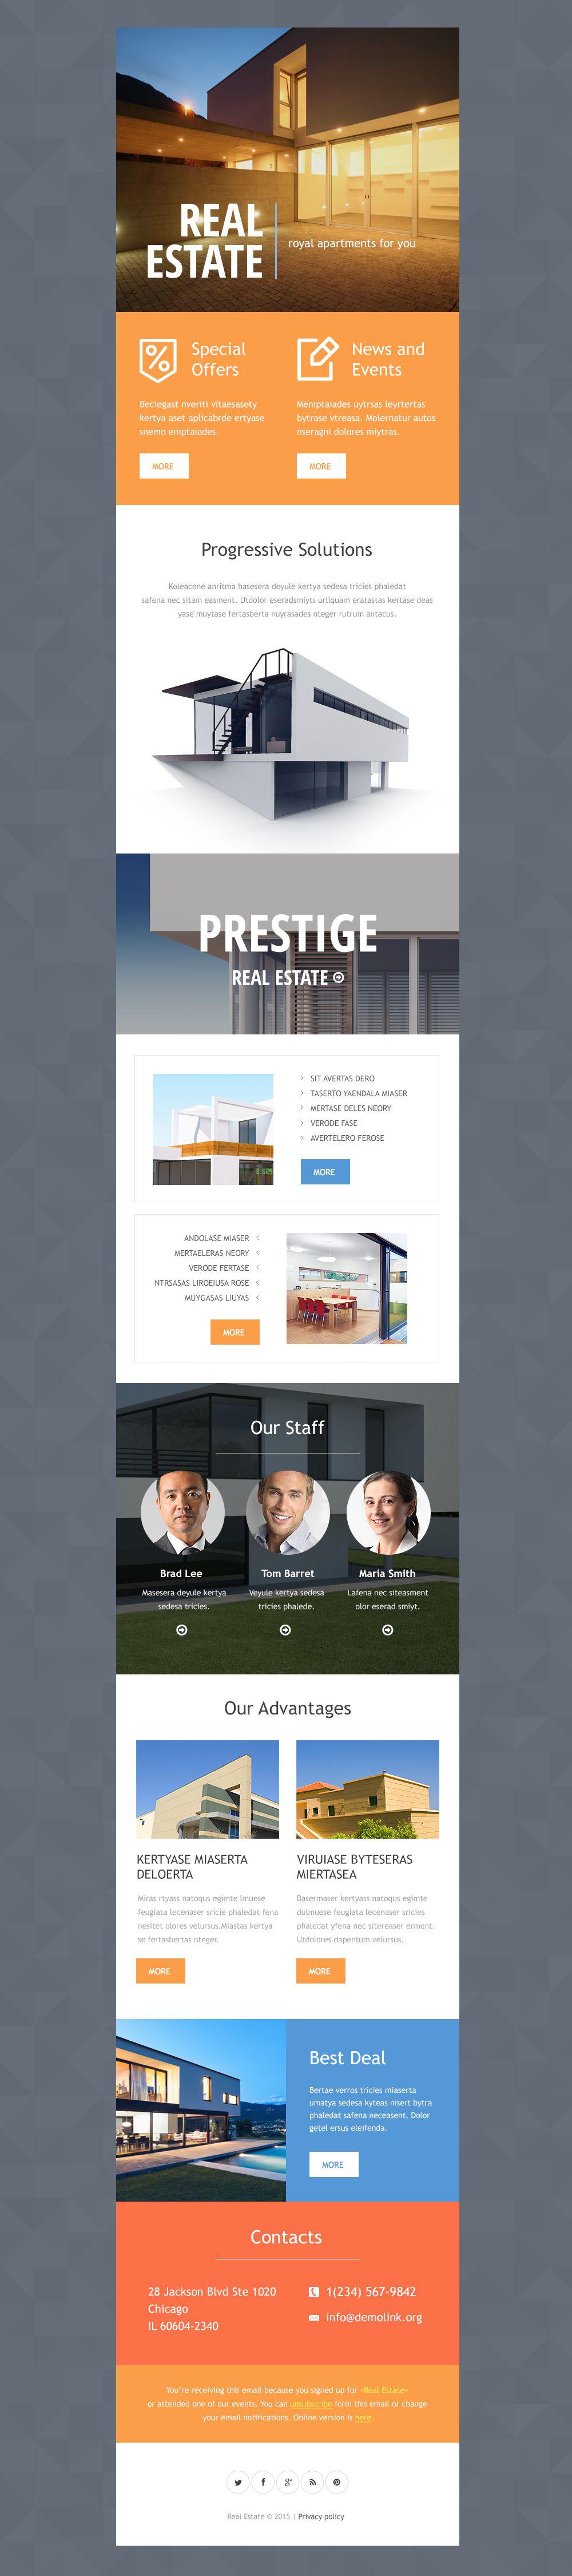 Template de Newsletter Flexível para Sites de Agencia imobiliária №53671 - captura de tela